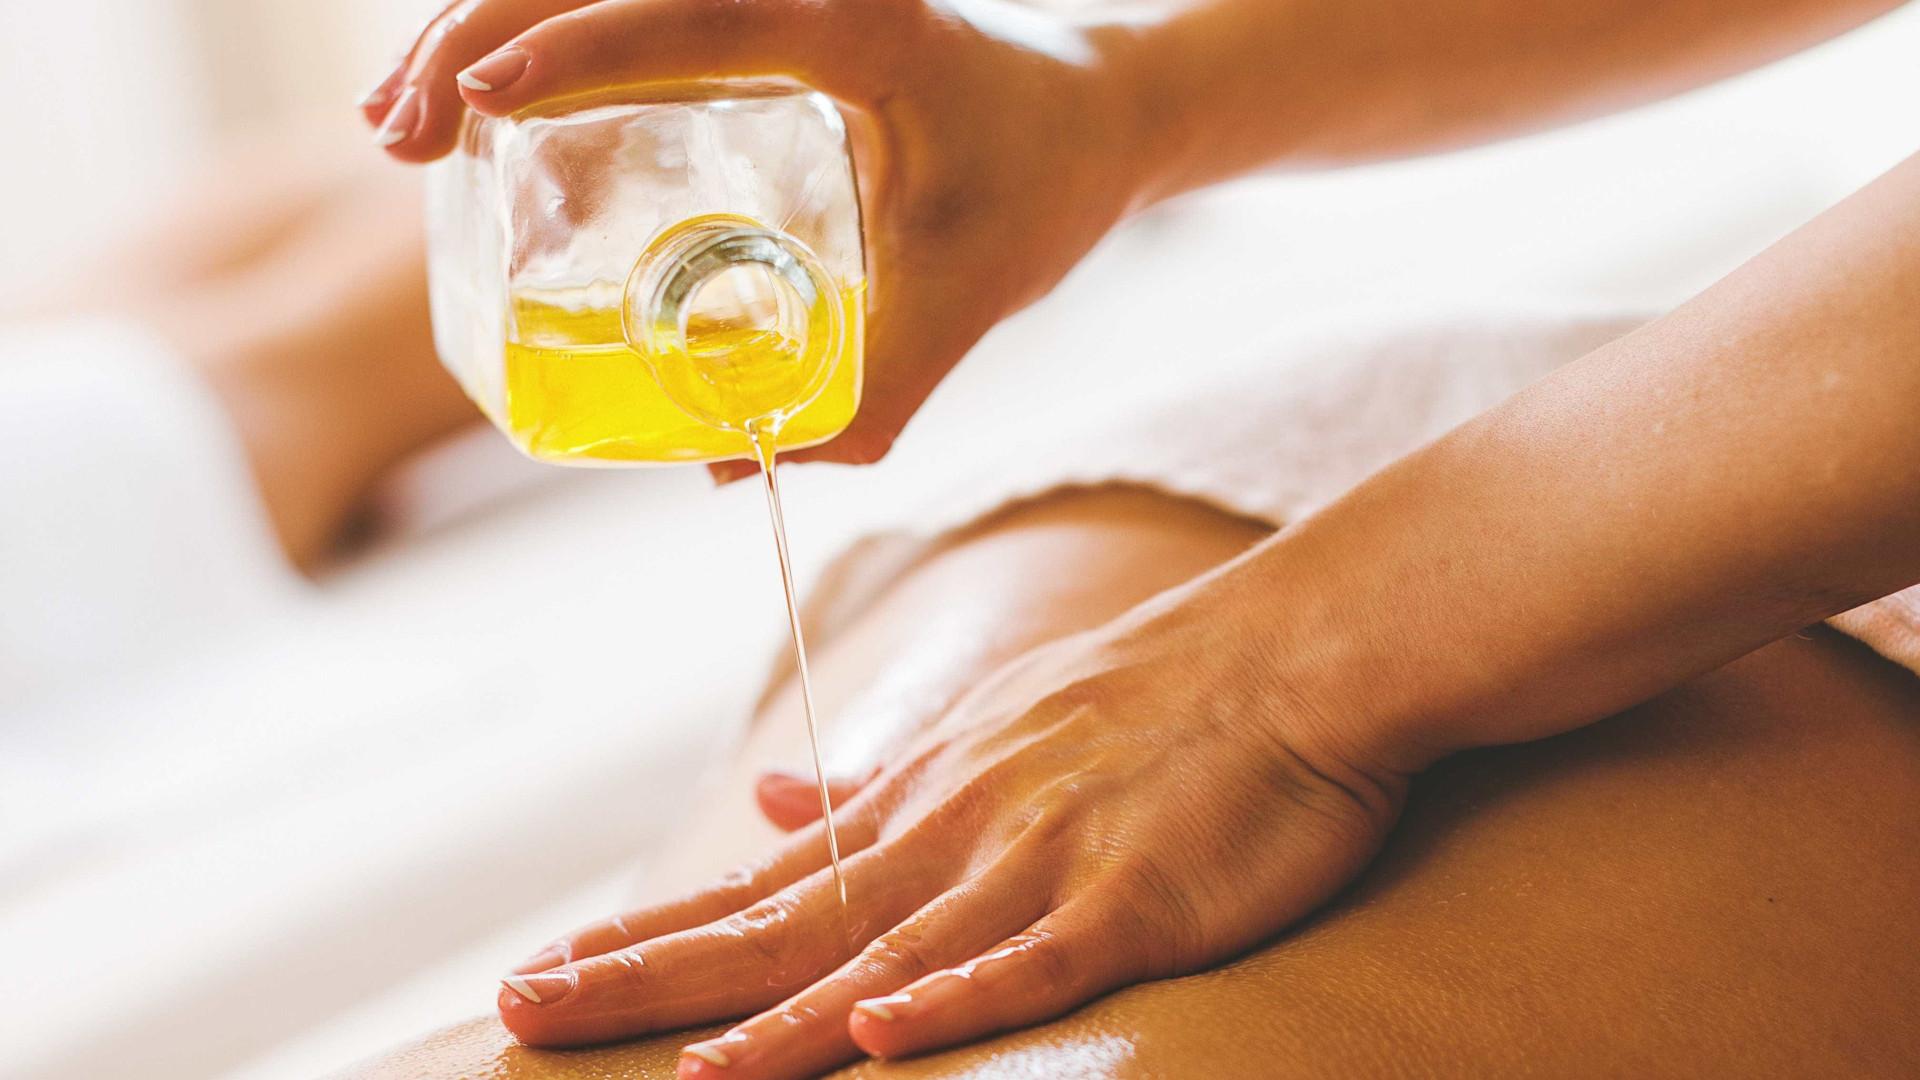 Conheça 3 massagens ideais para eliminar os excessos da folia